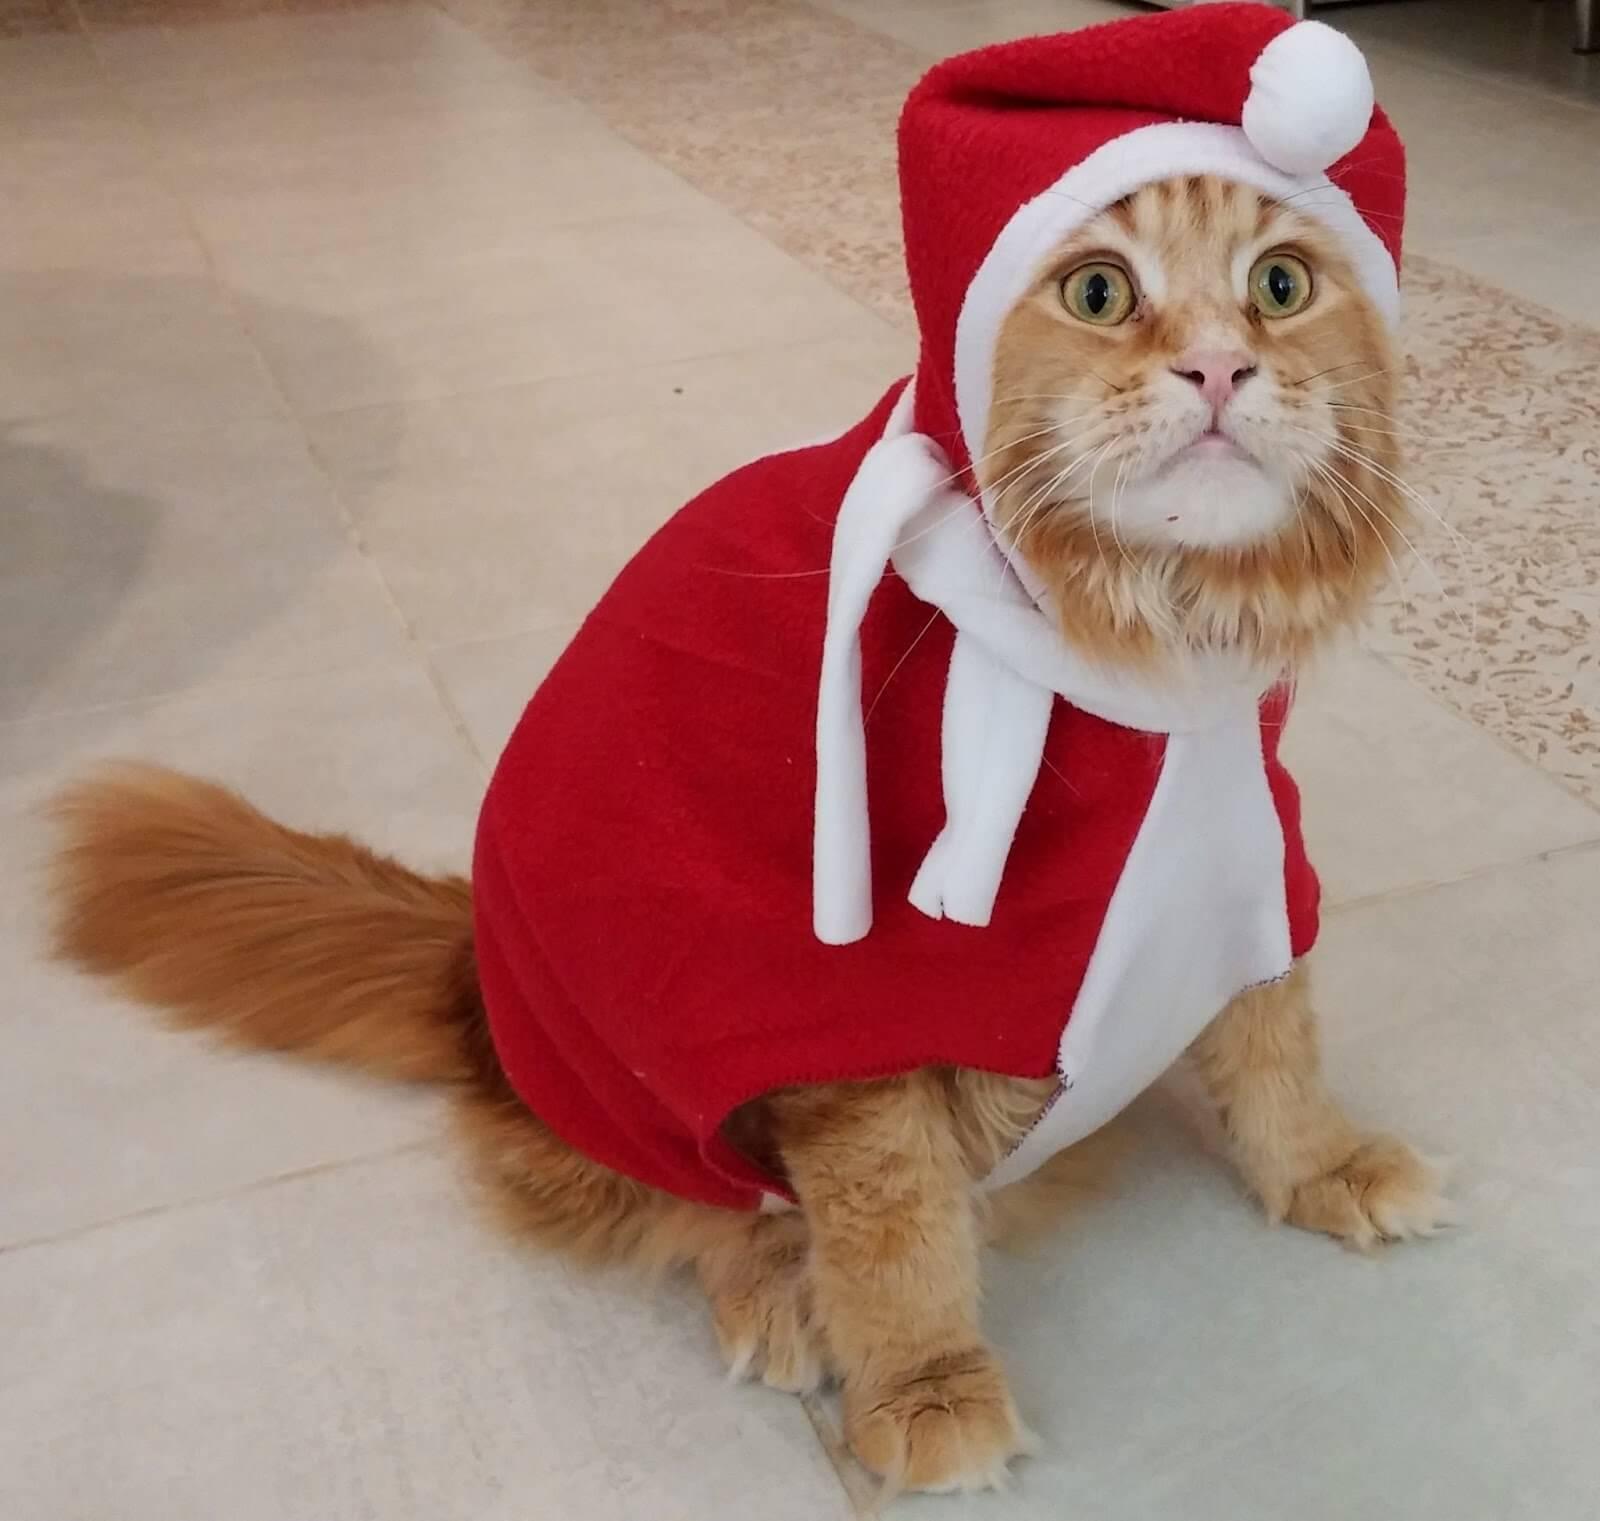 Прикольные и красивые картинки котов в одежде - сборка 5